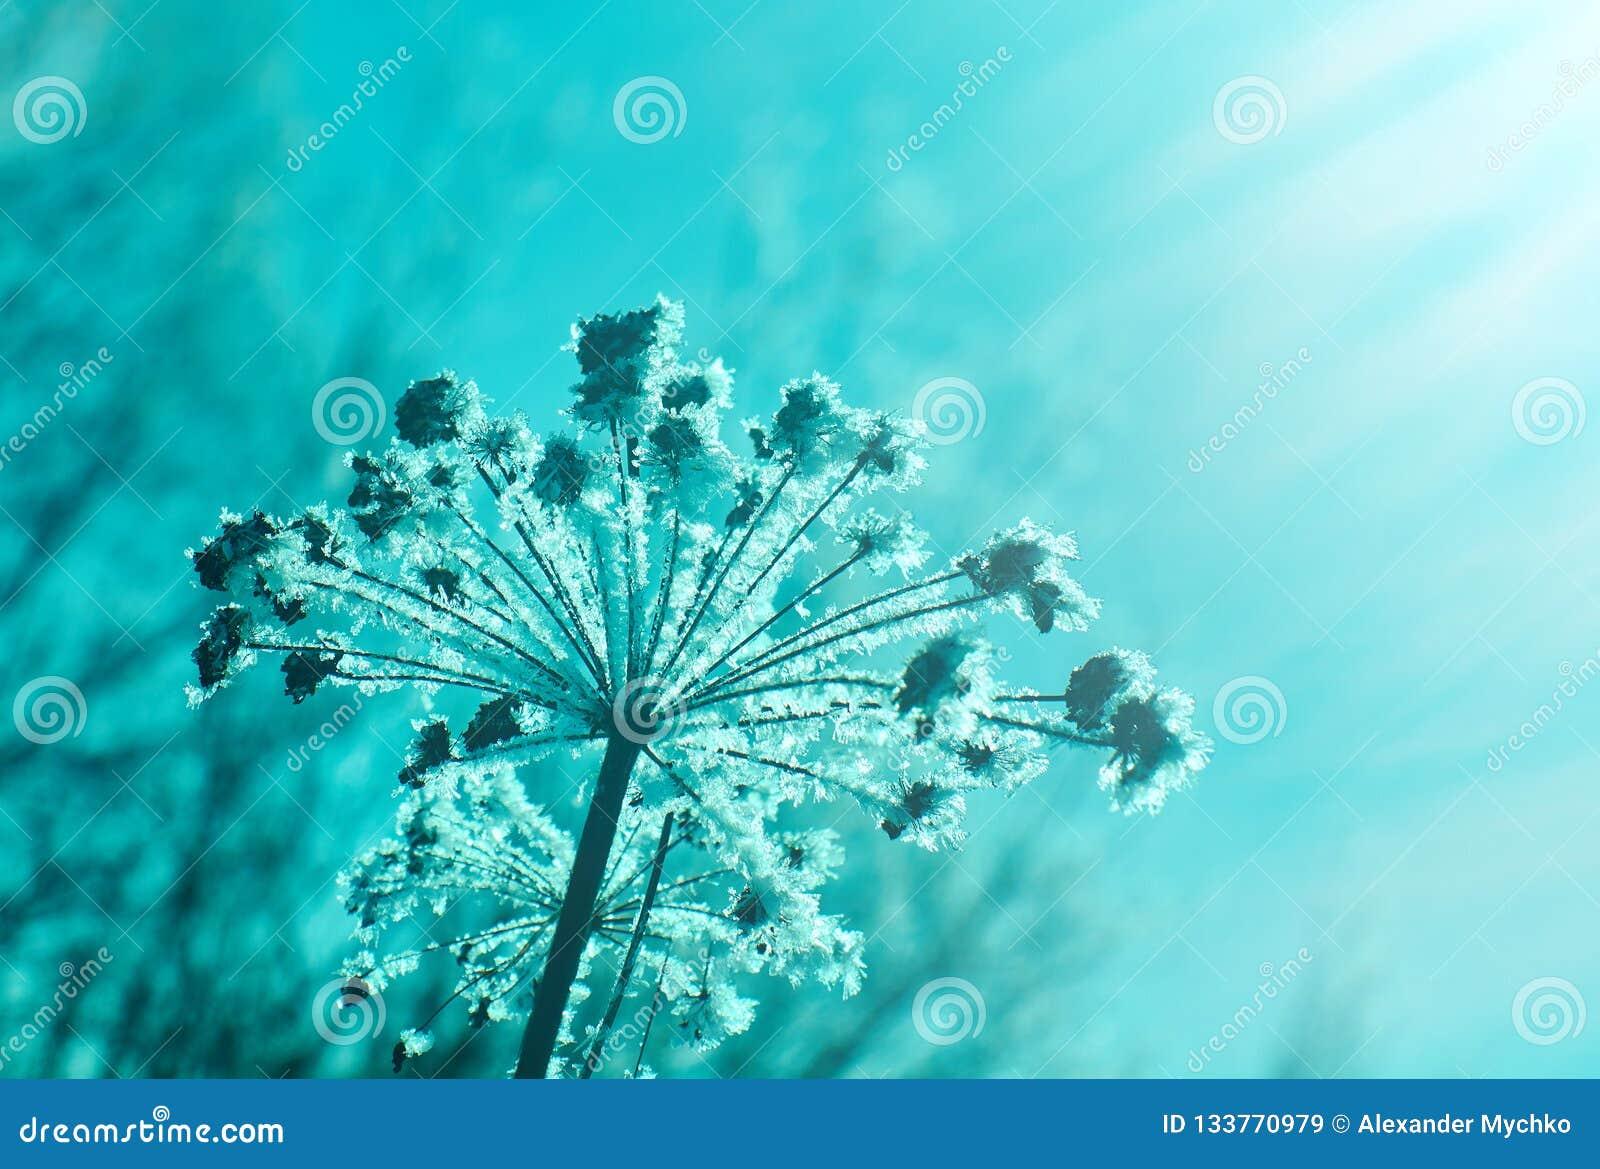 Kristal sneeuw-bloemen